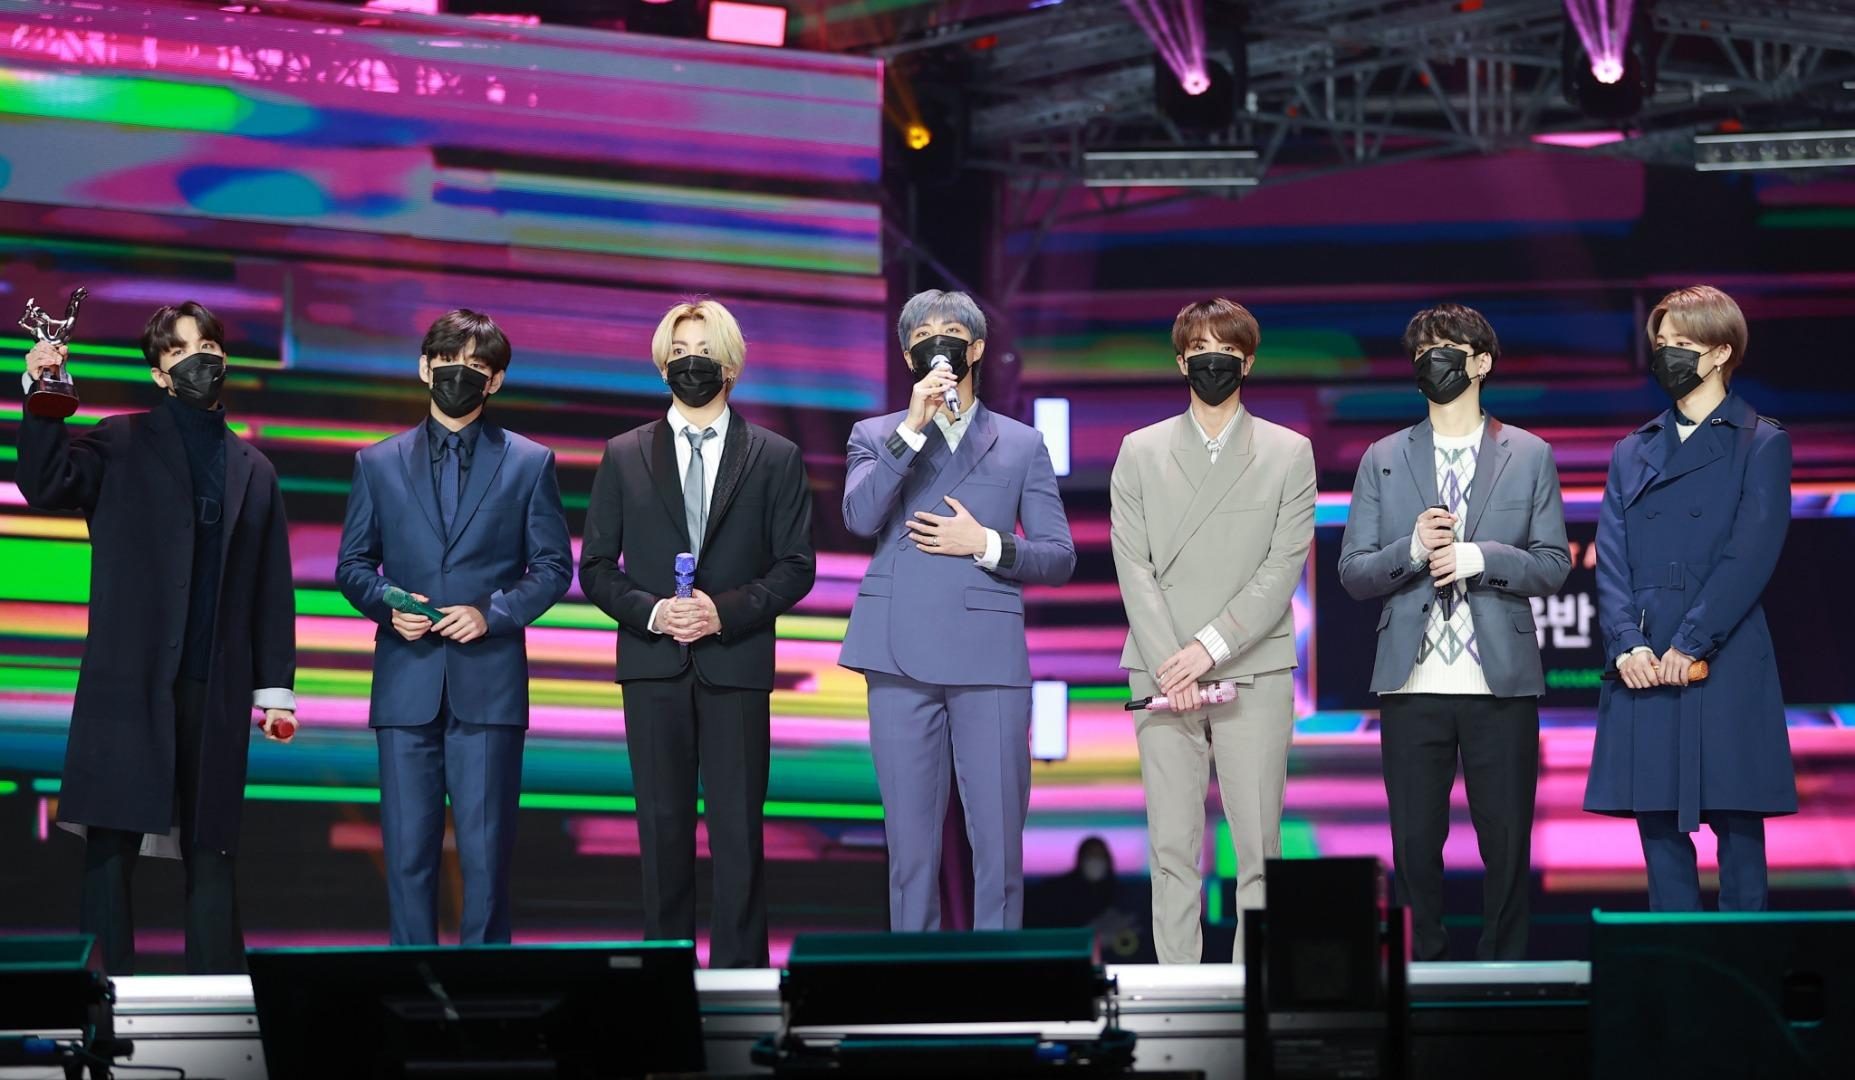 รูปที่ 5/15 จากอัลบั้มรวมรูปภาพของ IU, BTS  คว้ารางวัลเพลง-อัลบั้มยอดเยี่ยมจาก Golden Disc Awards 2021 ครั้งที่ 35